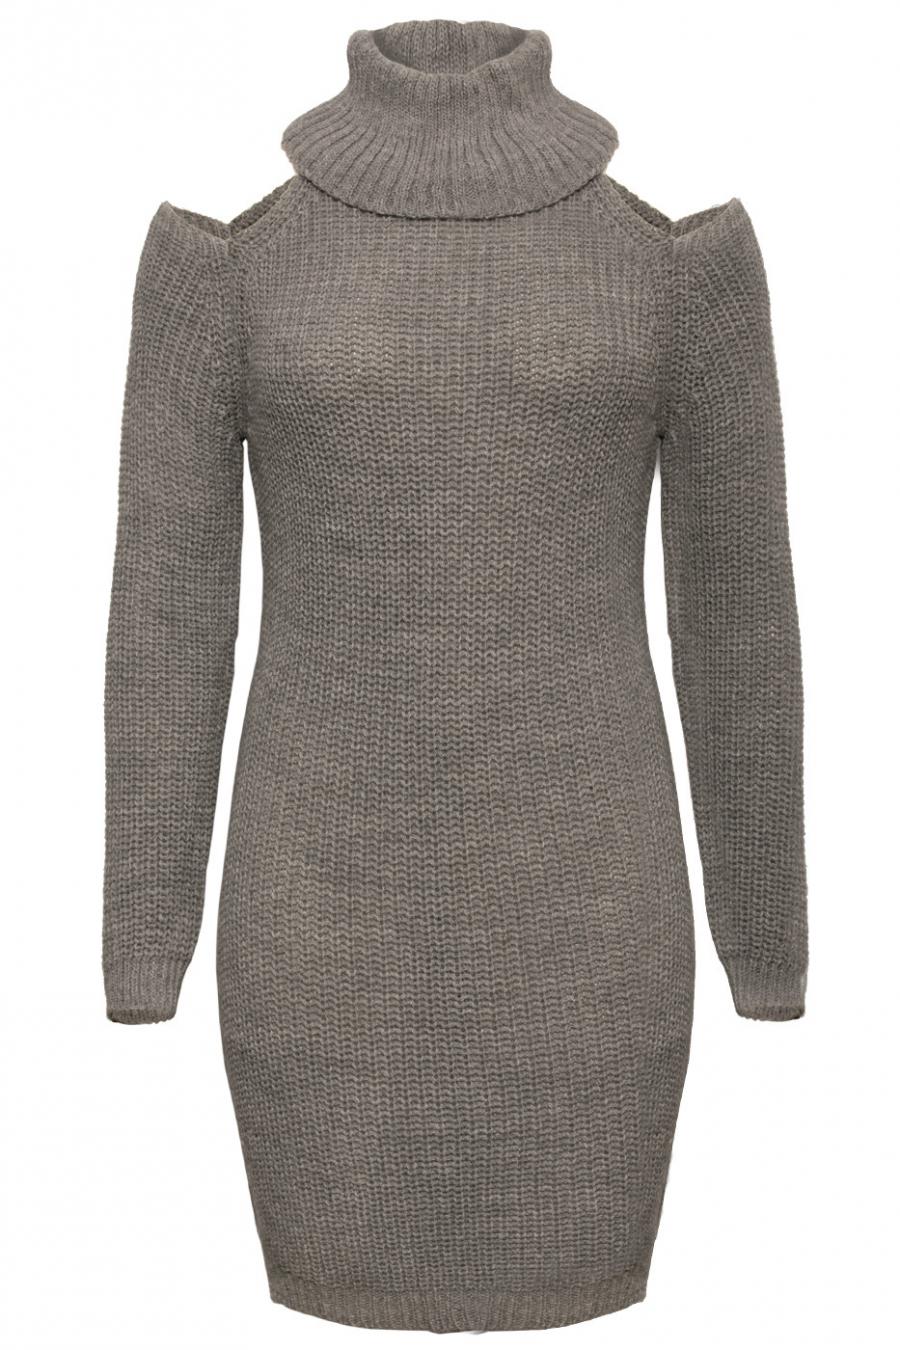 Robe pull gris col roulé avec épaule dénudé. Mode femme 8018